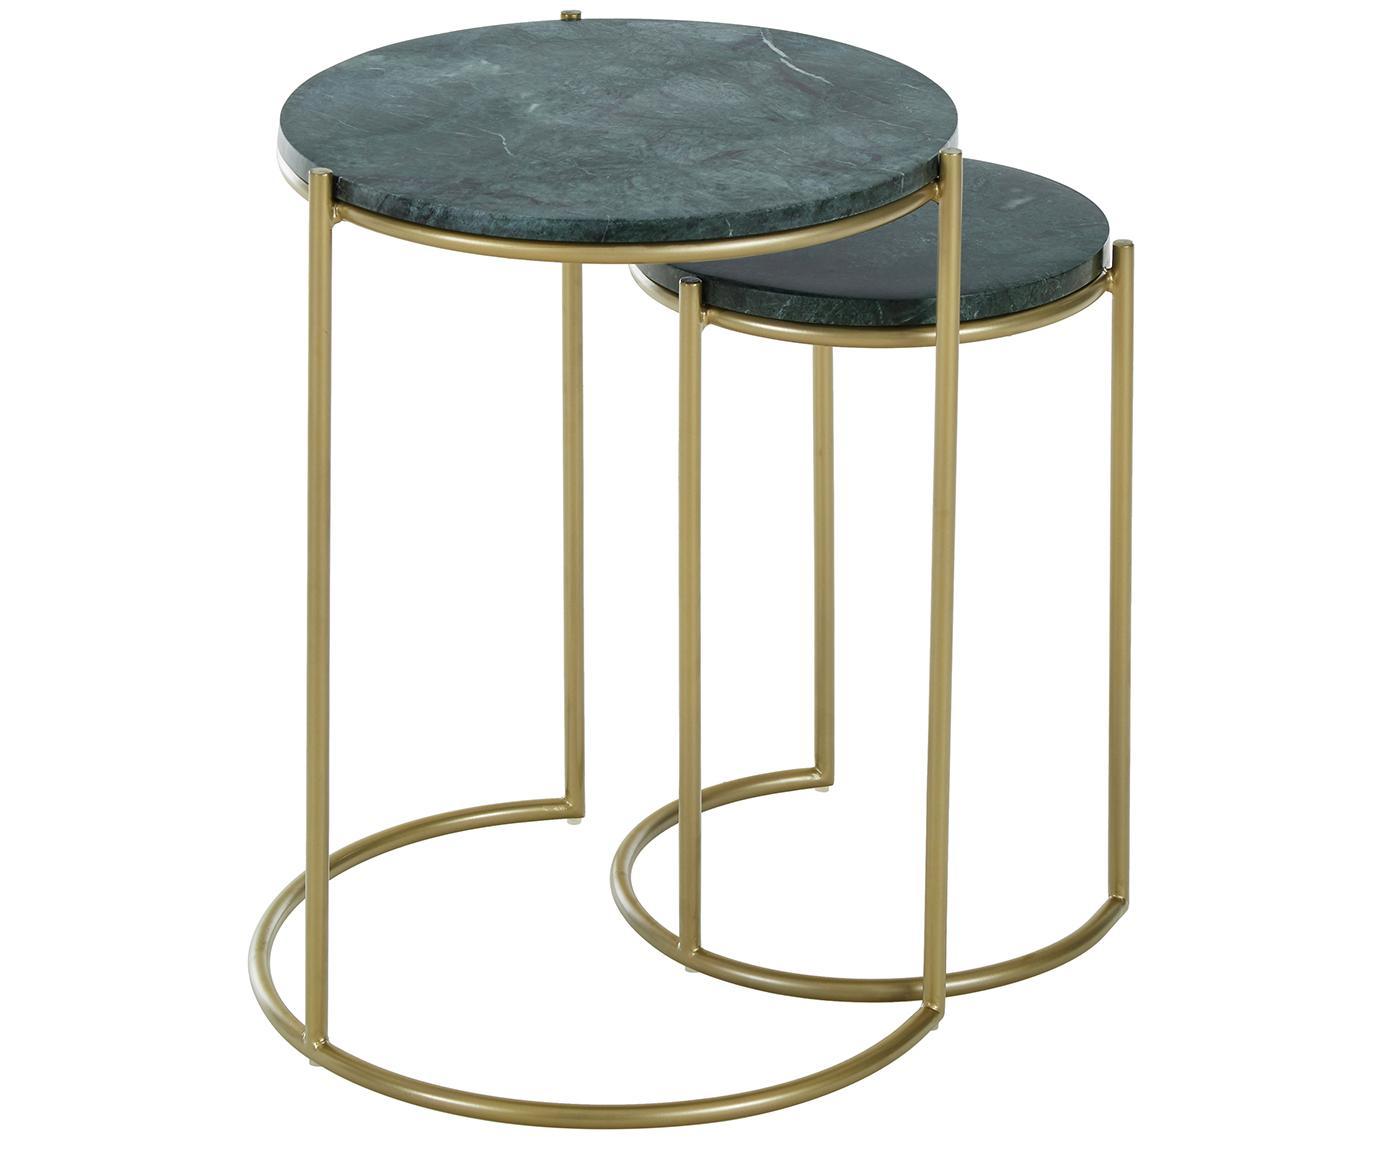 Set de mesas auxiliares de mármol Ella, Tablero: mármol natural, Estructura: metal con pintura en polv, Mármol verde, dorado, Tamaños diferentes